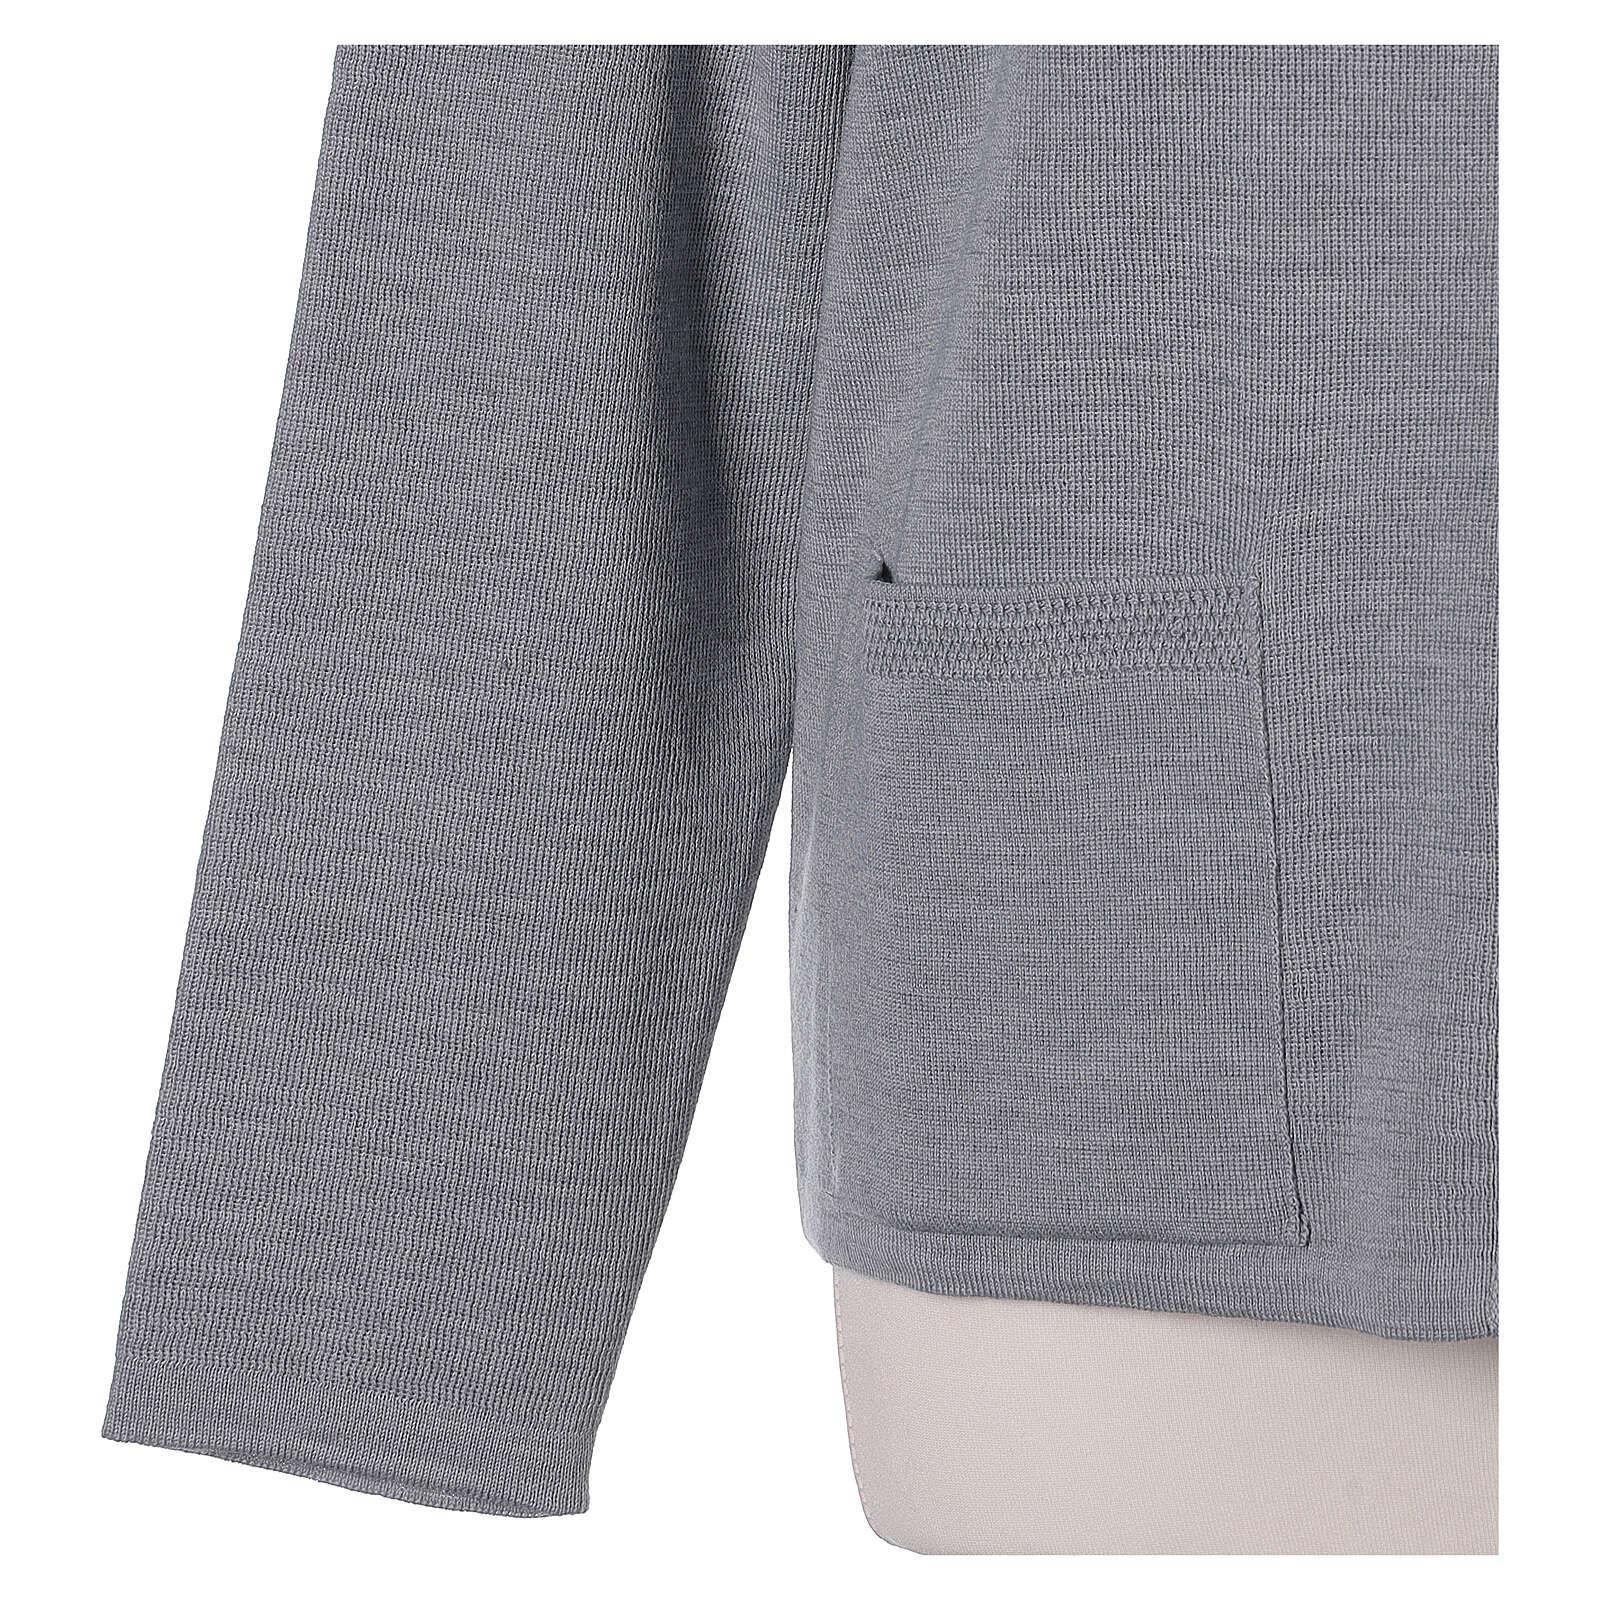 Cardigan suora grigio perla coreana tasche maglia unita 50% acrilico 50% merino In Primis 4